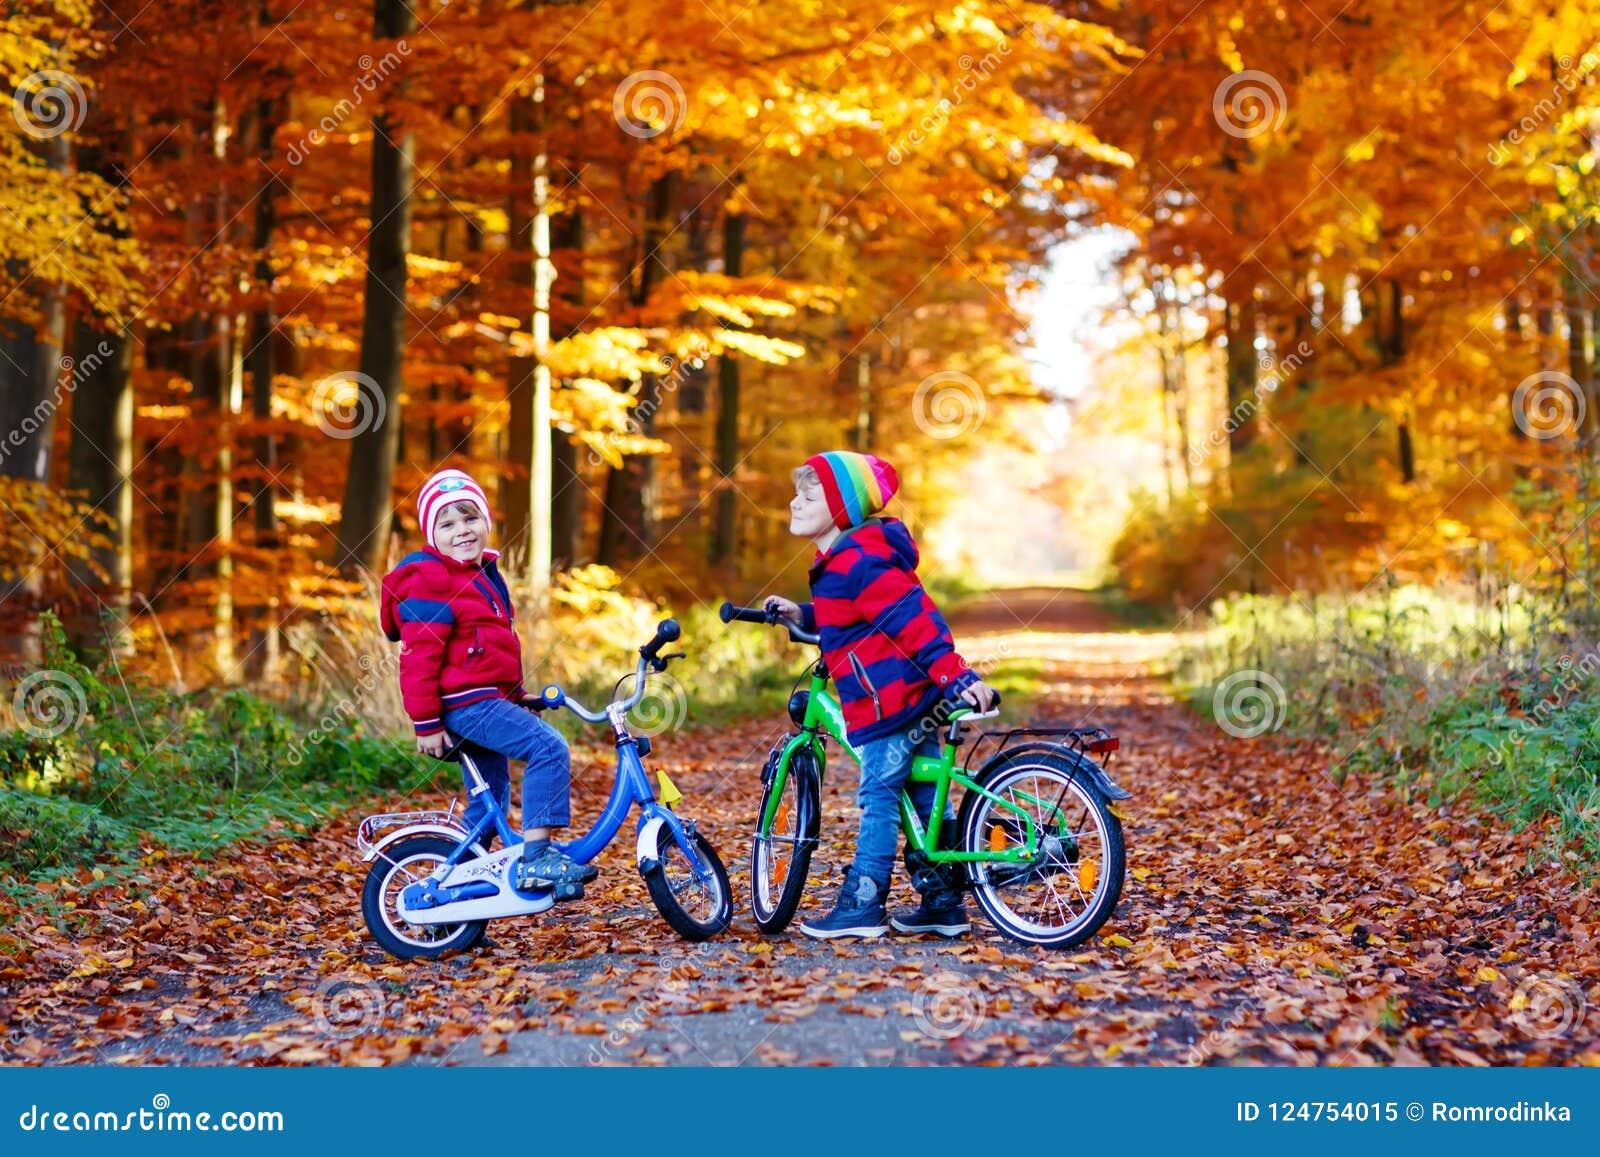 Dois meninos das crianças, melhores amigos na floresta do outono com bicicletas Irmãos ativos, crianças com bicicletas Meninos de